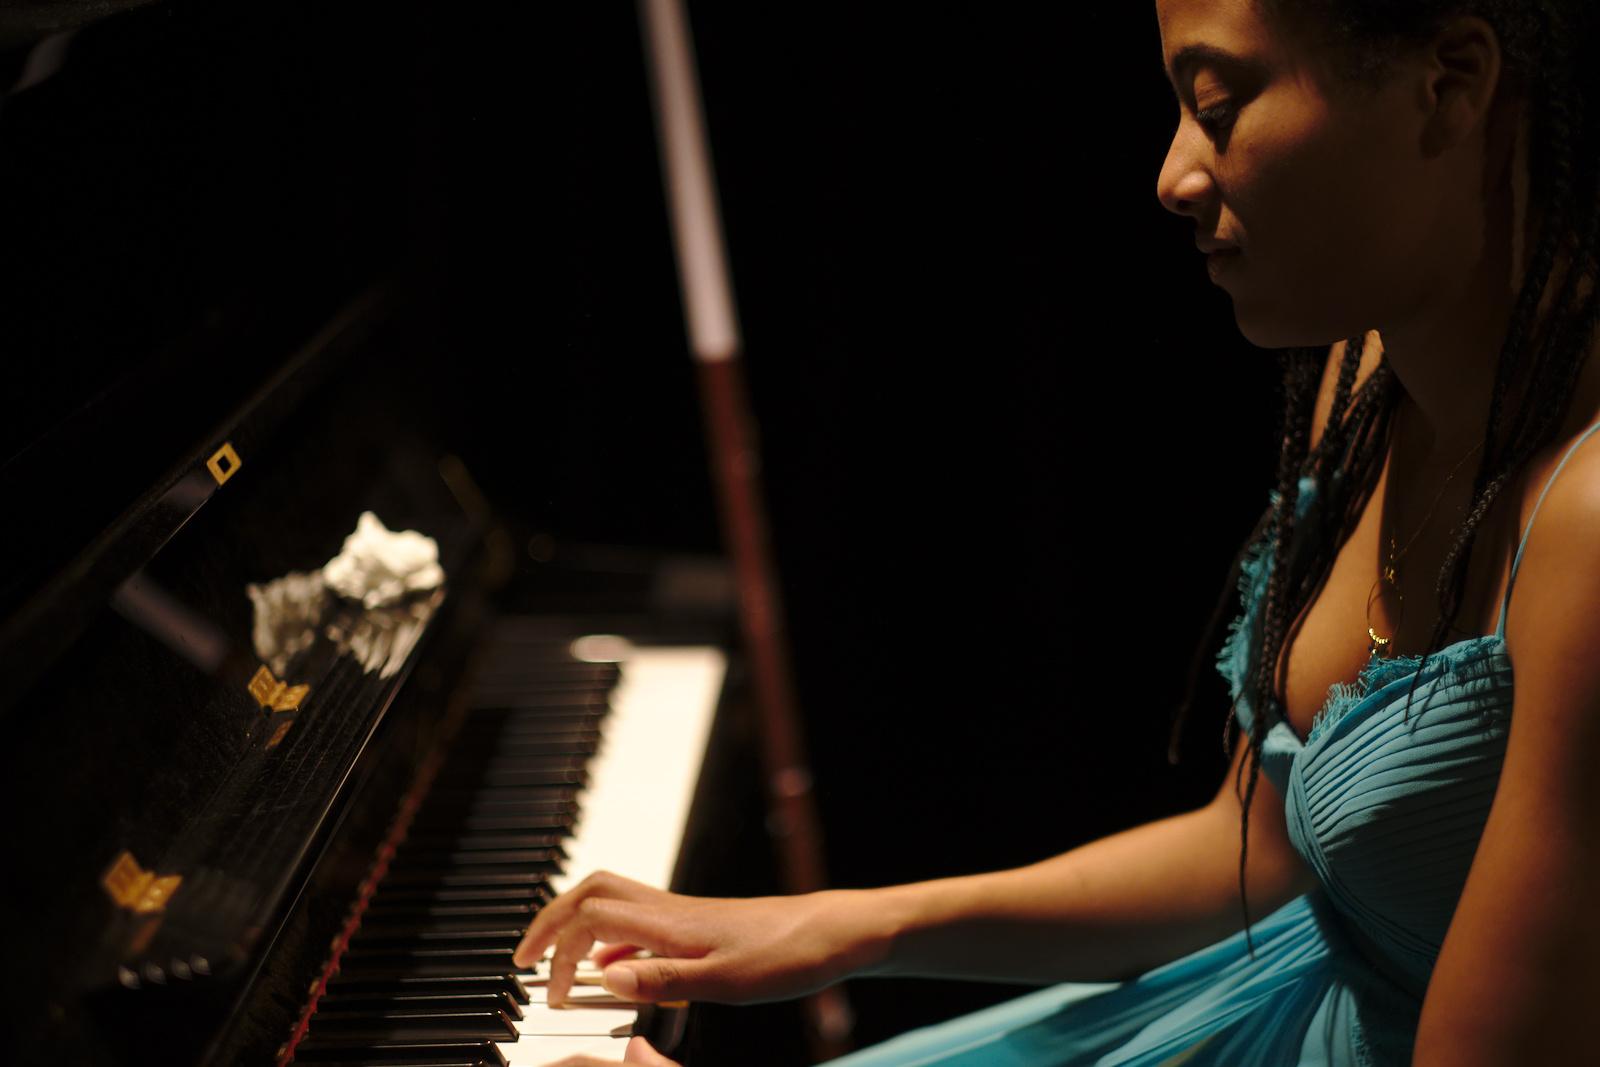 Ines piano